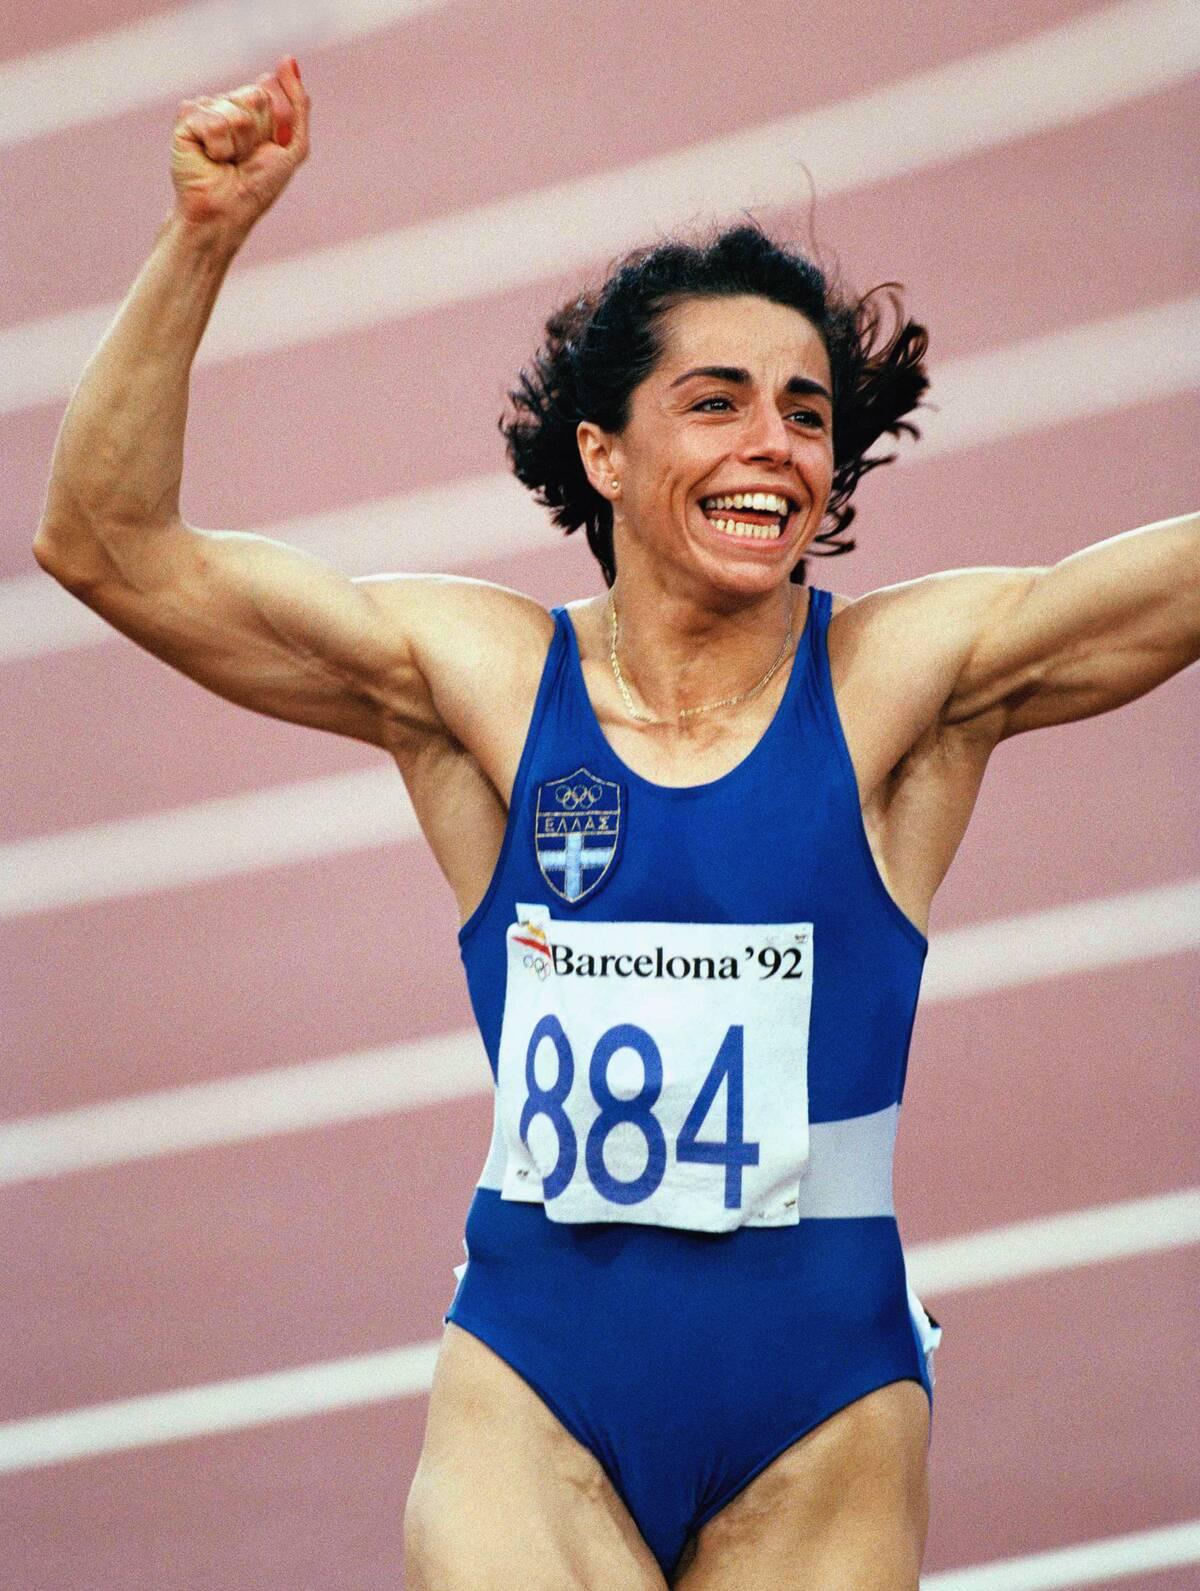 Η Βούλα Πατουλίδου στους Ολυμπιακούς Αγώνες του 1992